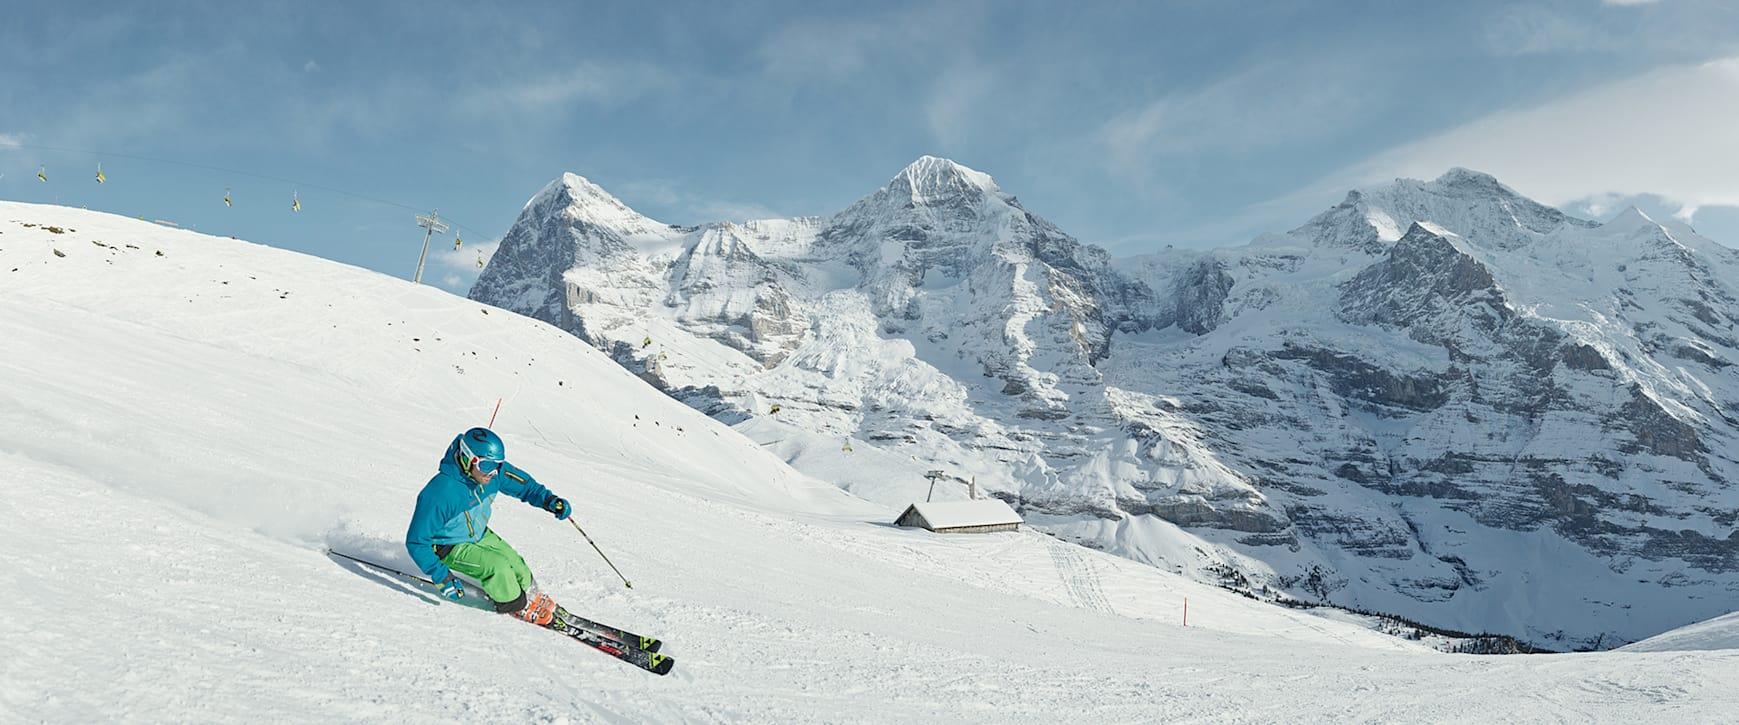 Kleine Scheidegg Skifahren Lauberhorn Eiger Moench Jungfrau